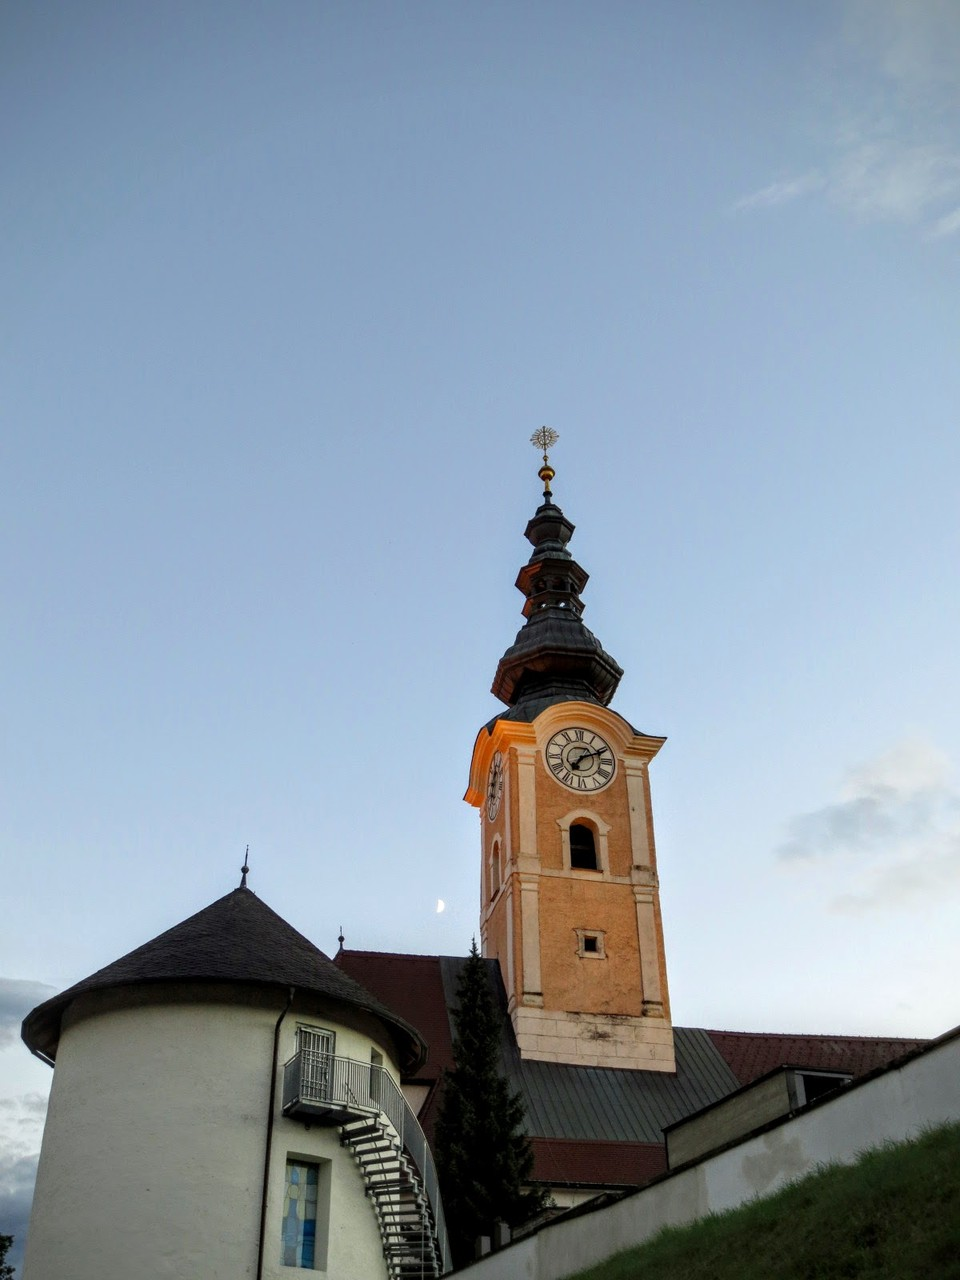 Rechtzeitig zu Sonnenungergang wieder zurück in Feldkirchen - Pfarrkirche Feldkirchen (Kärnten)